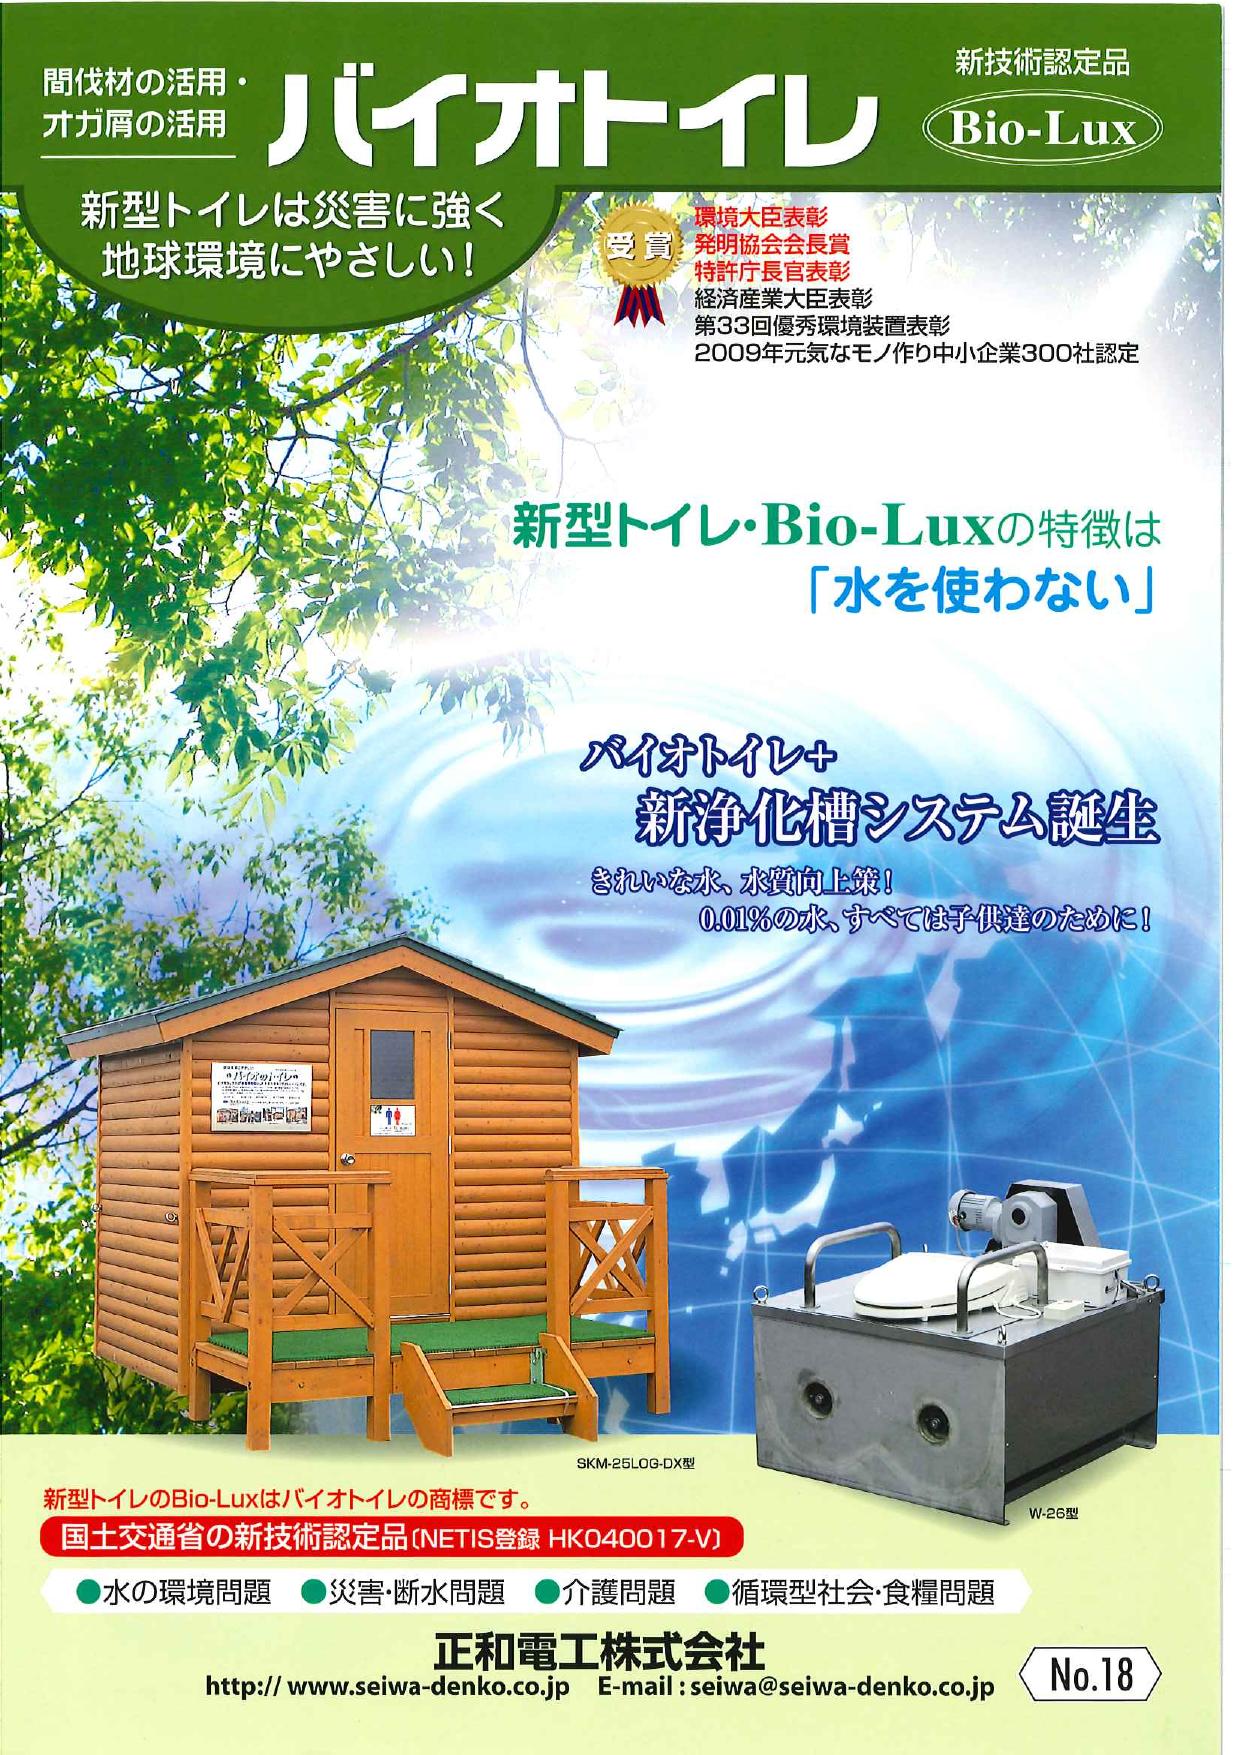 間伐材活用・オガ屑活用バイオトイレ BioLux